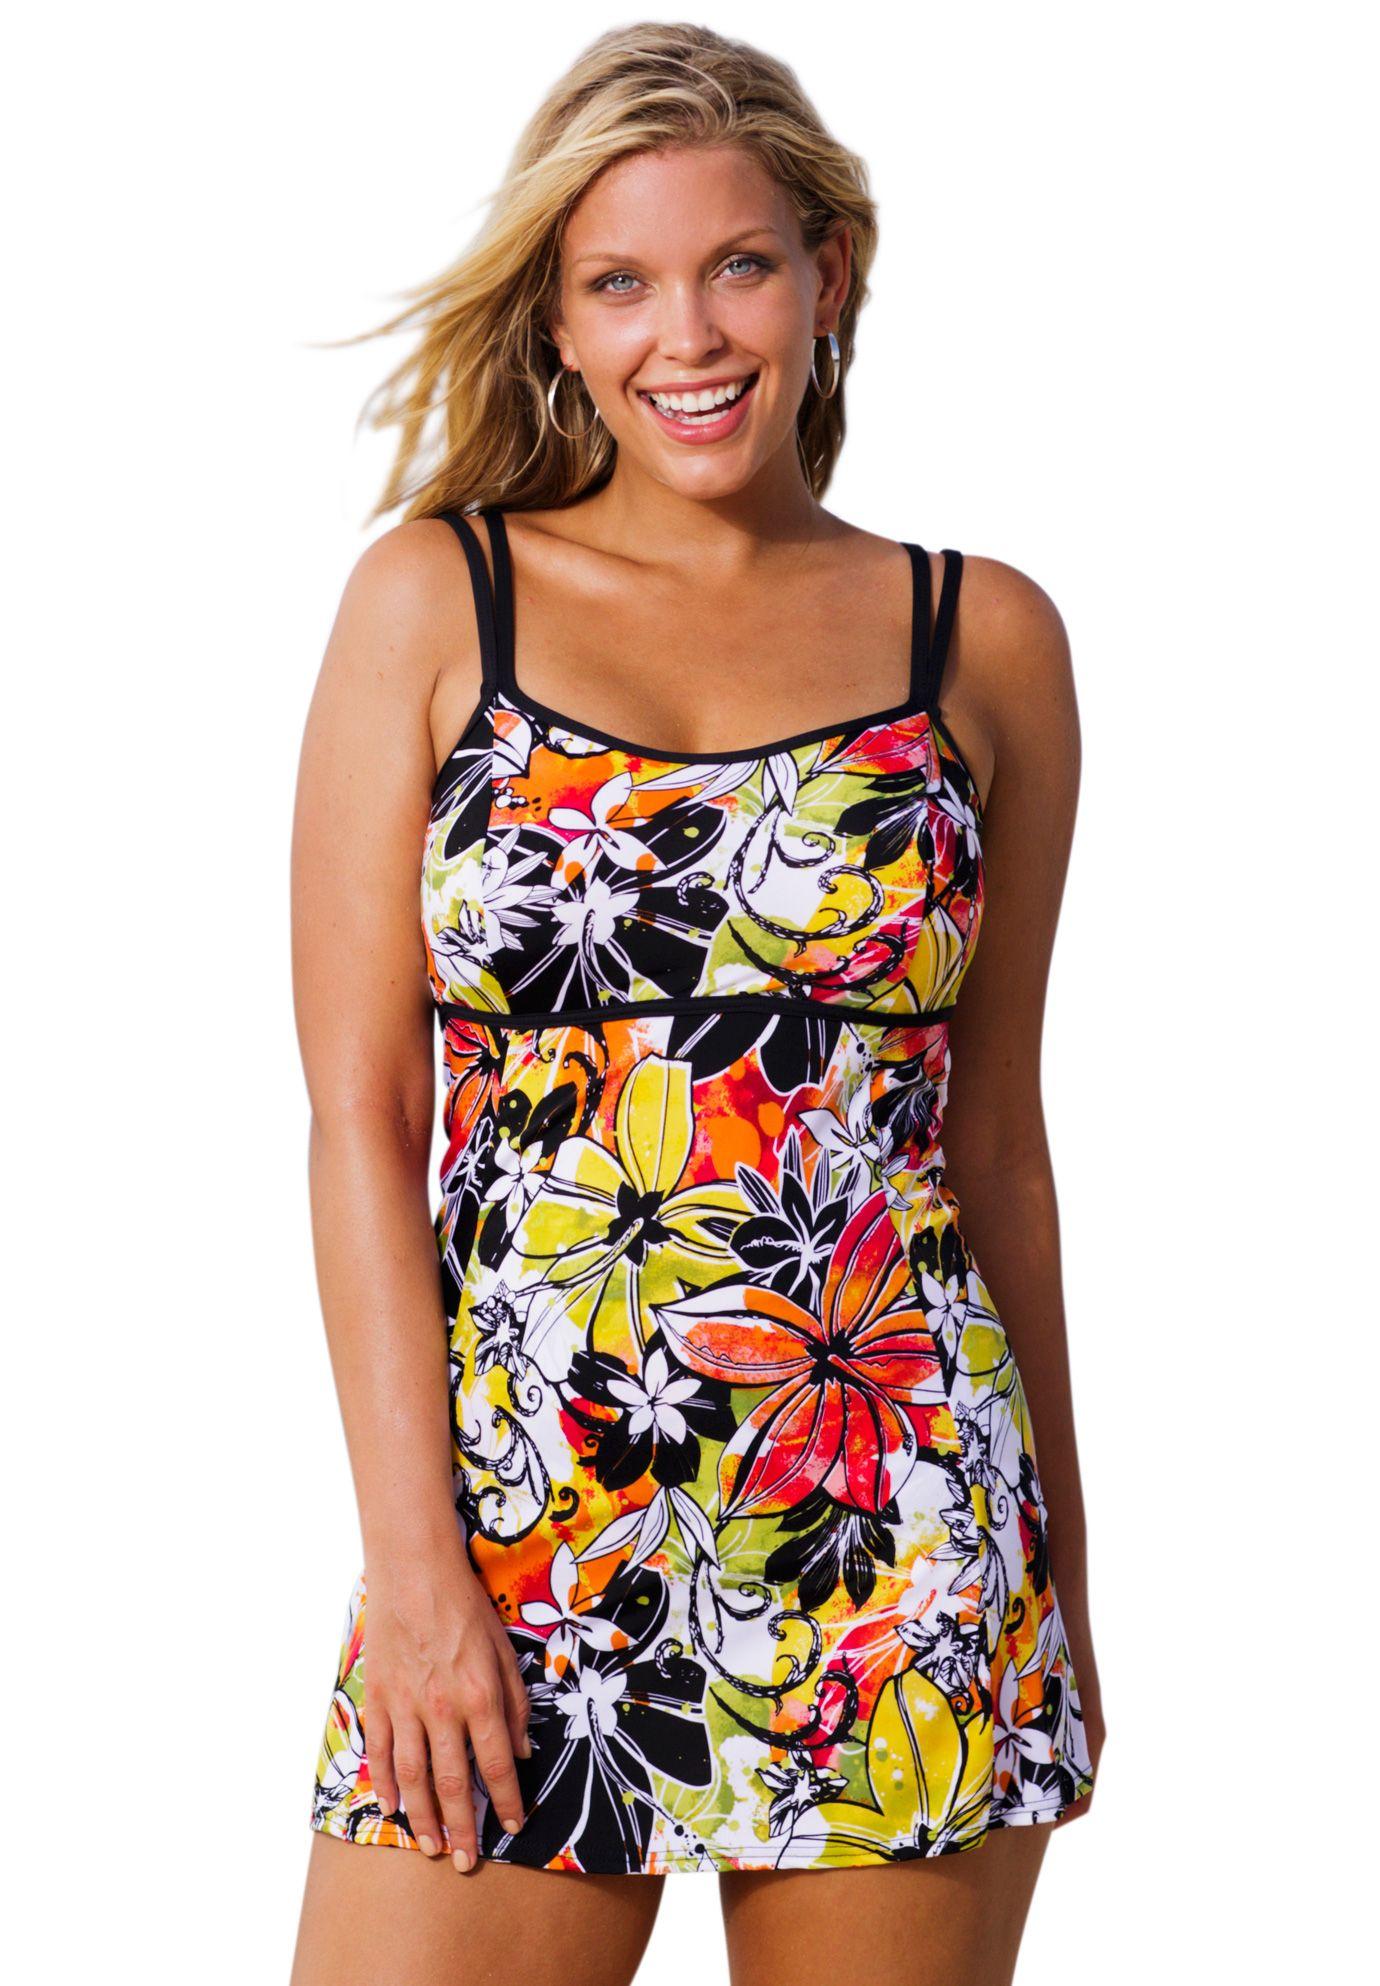 9b6d83dce2 Beach Belle Byron Bay Lingerie Swimdress | Plus Size New Swimwear | Woman  Within